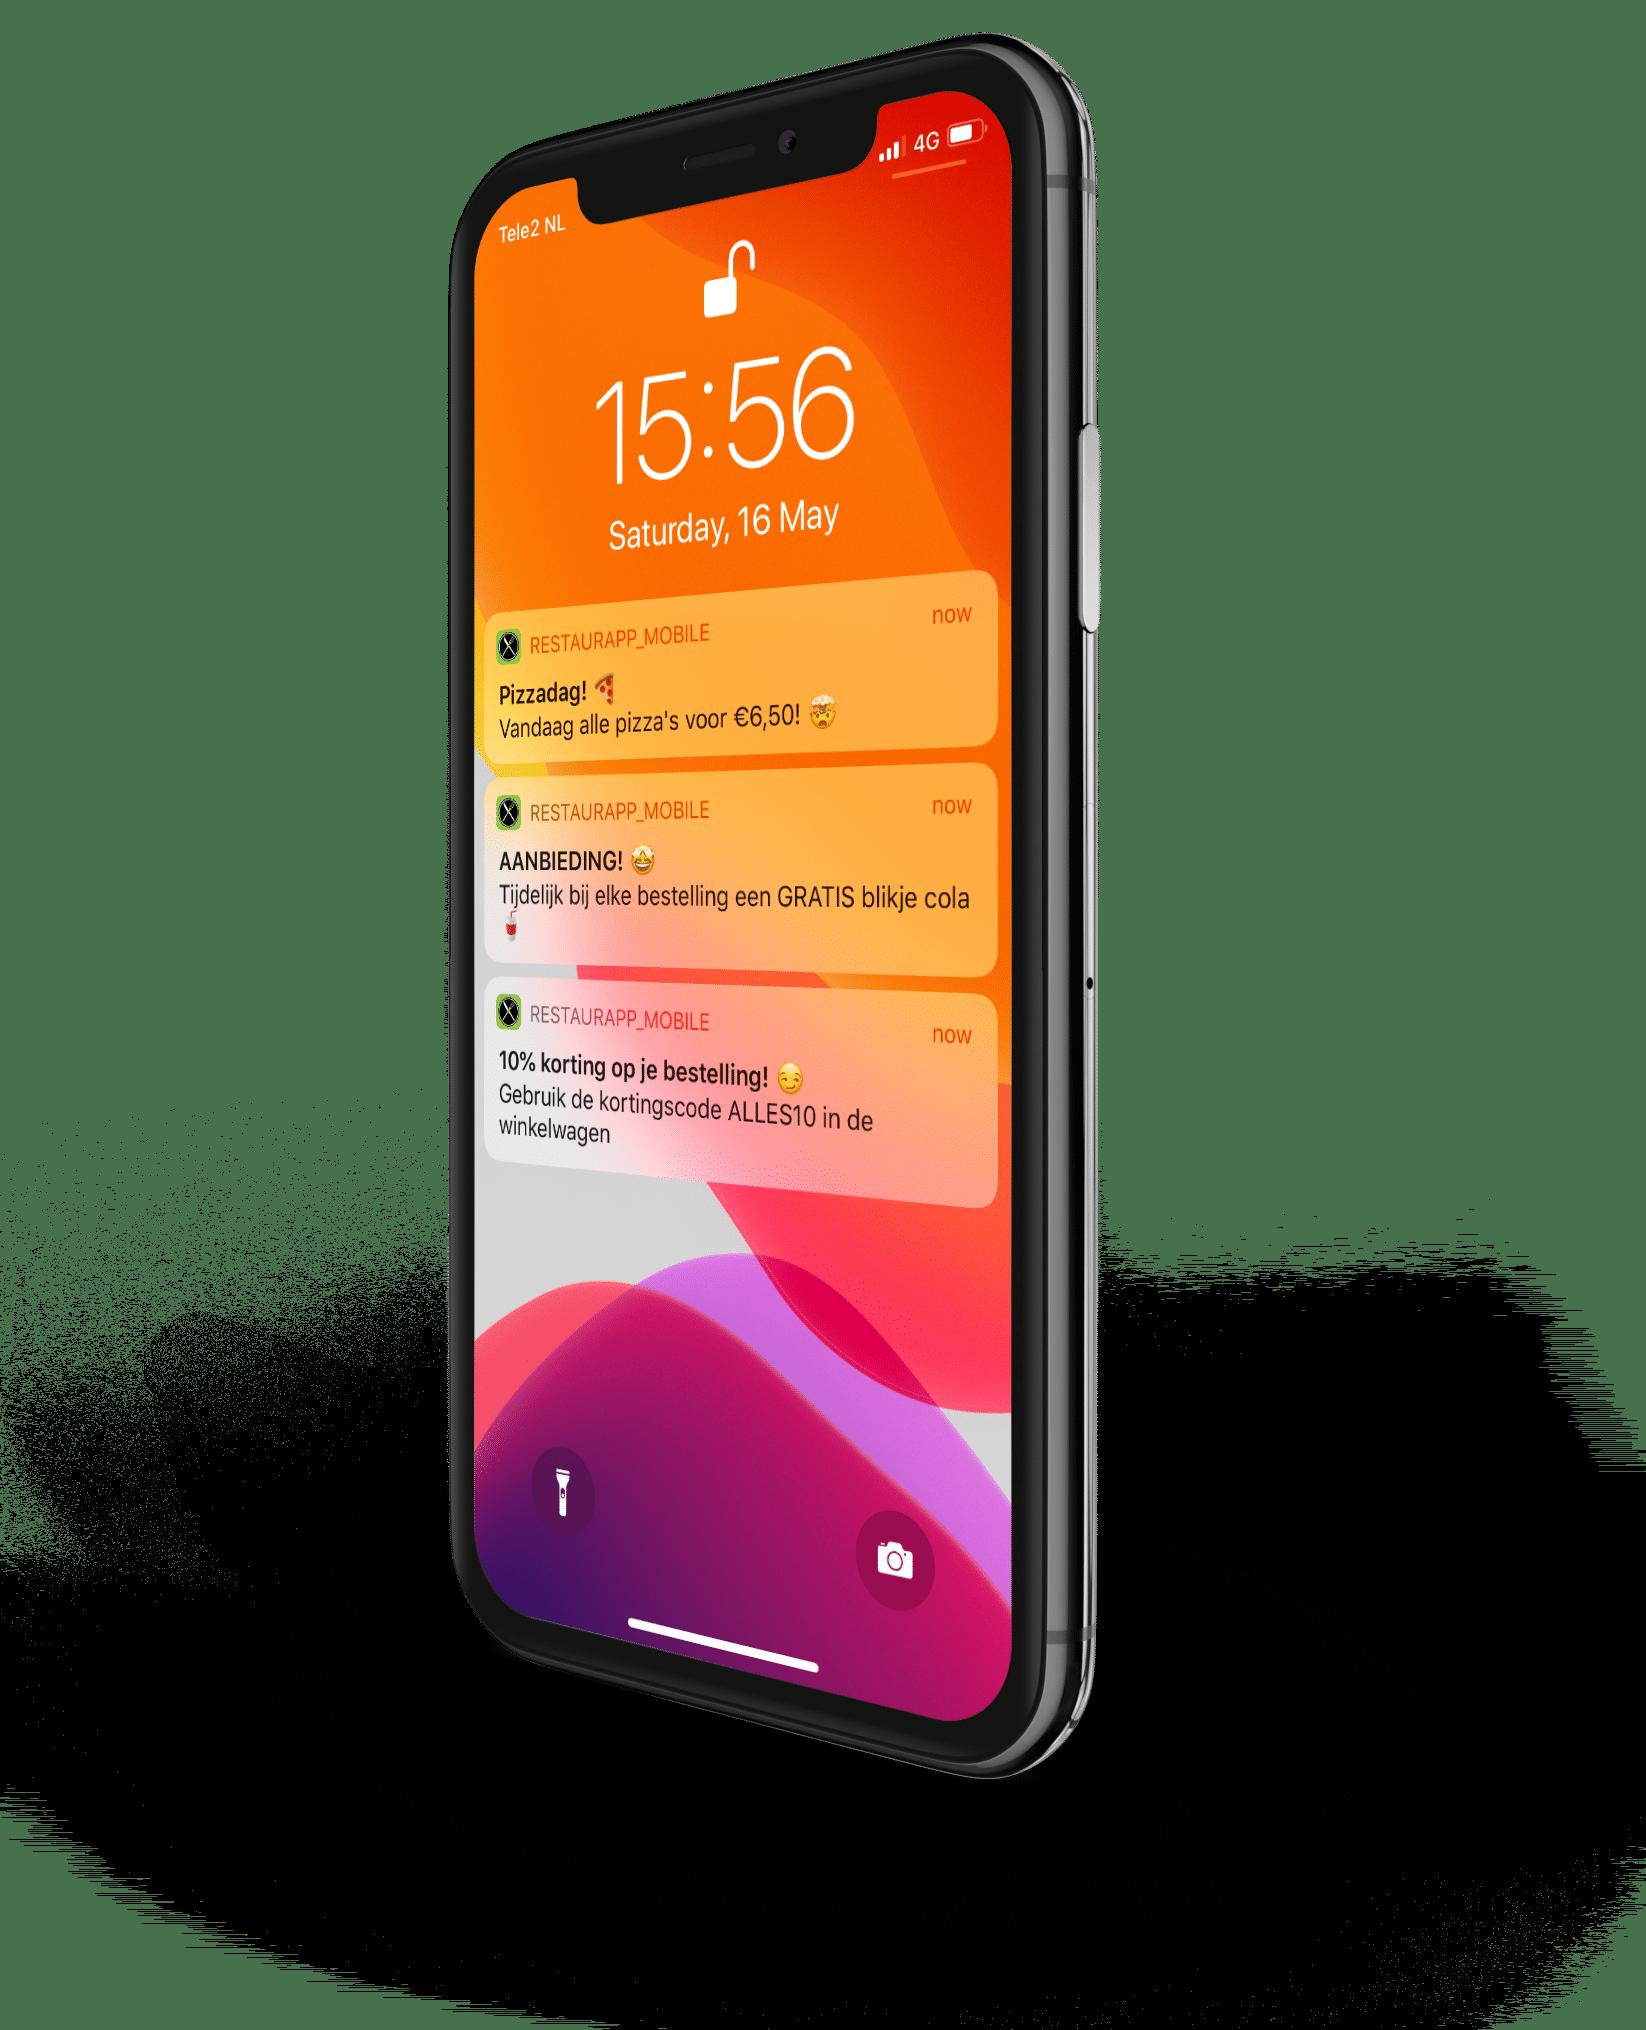 Screenshot Iphone X met pushbericht van restaurant